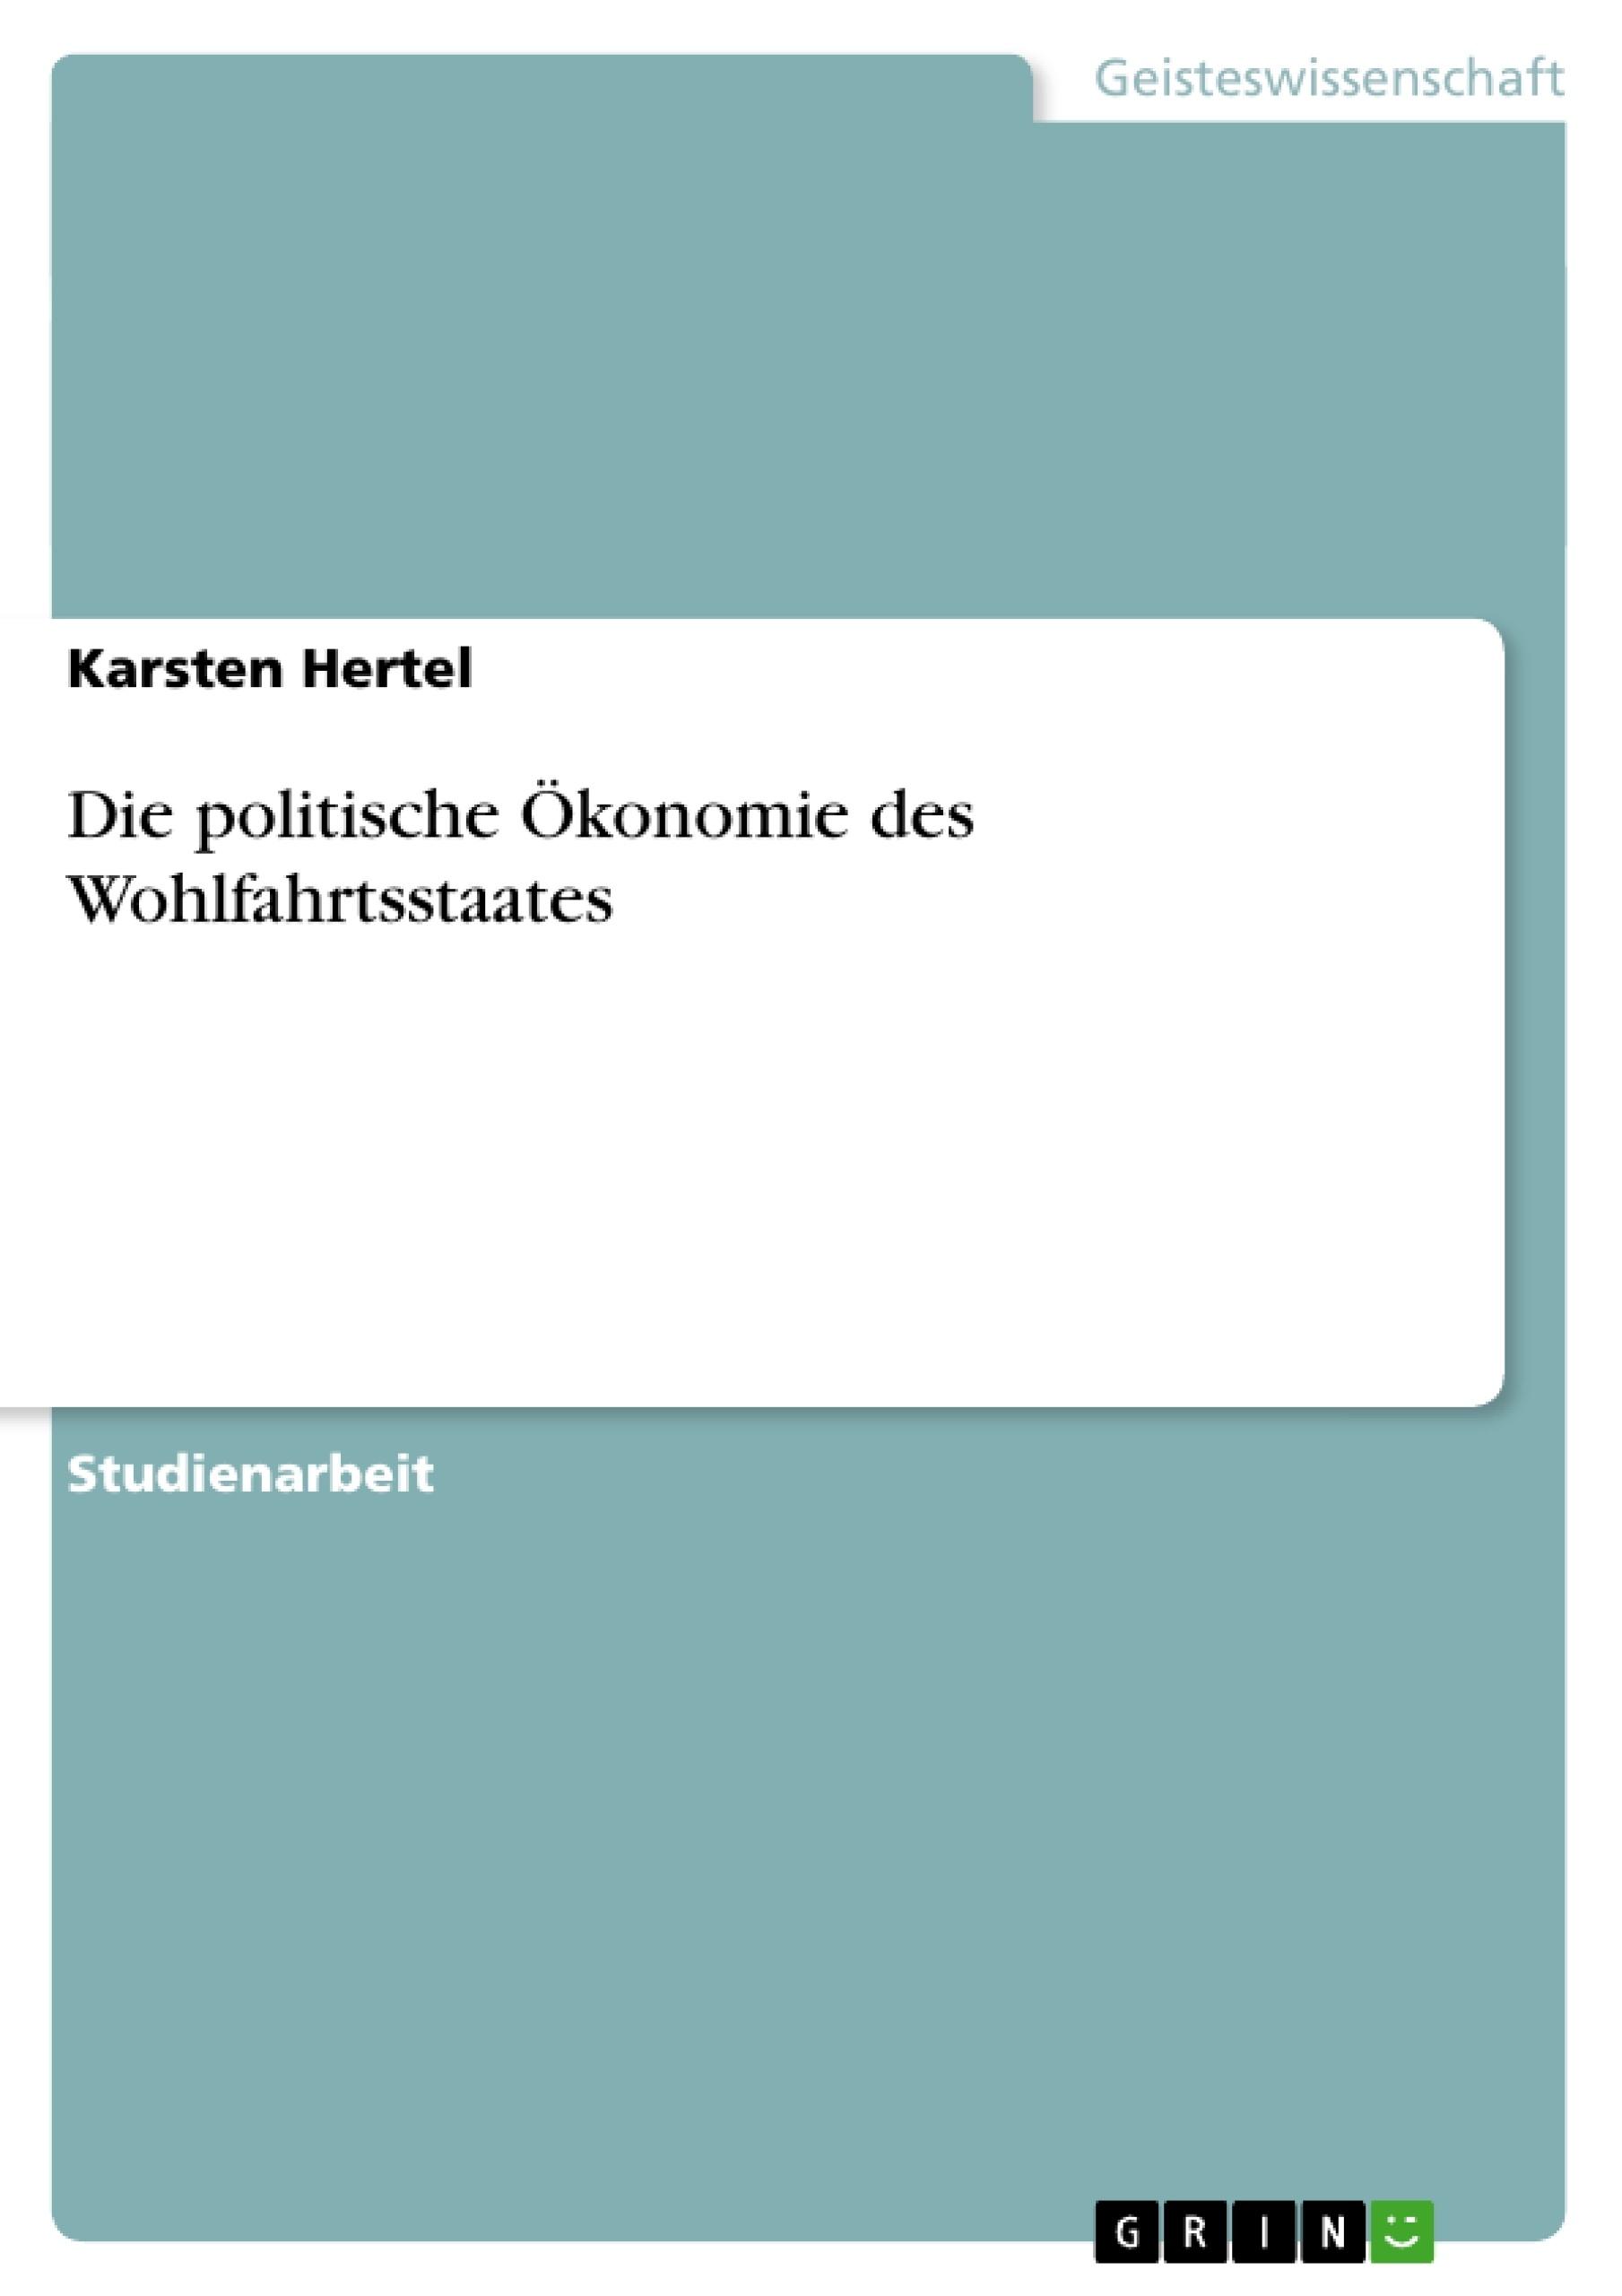 Titel: Die politische Ökonomie des Wohlfahrtsstaates